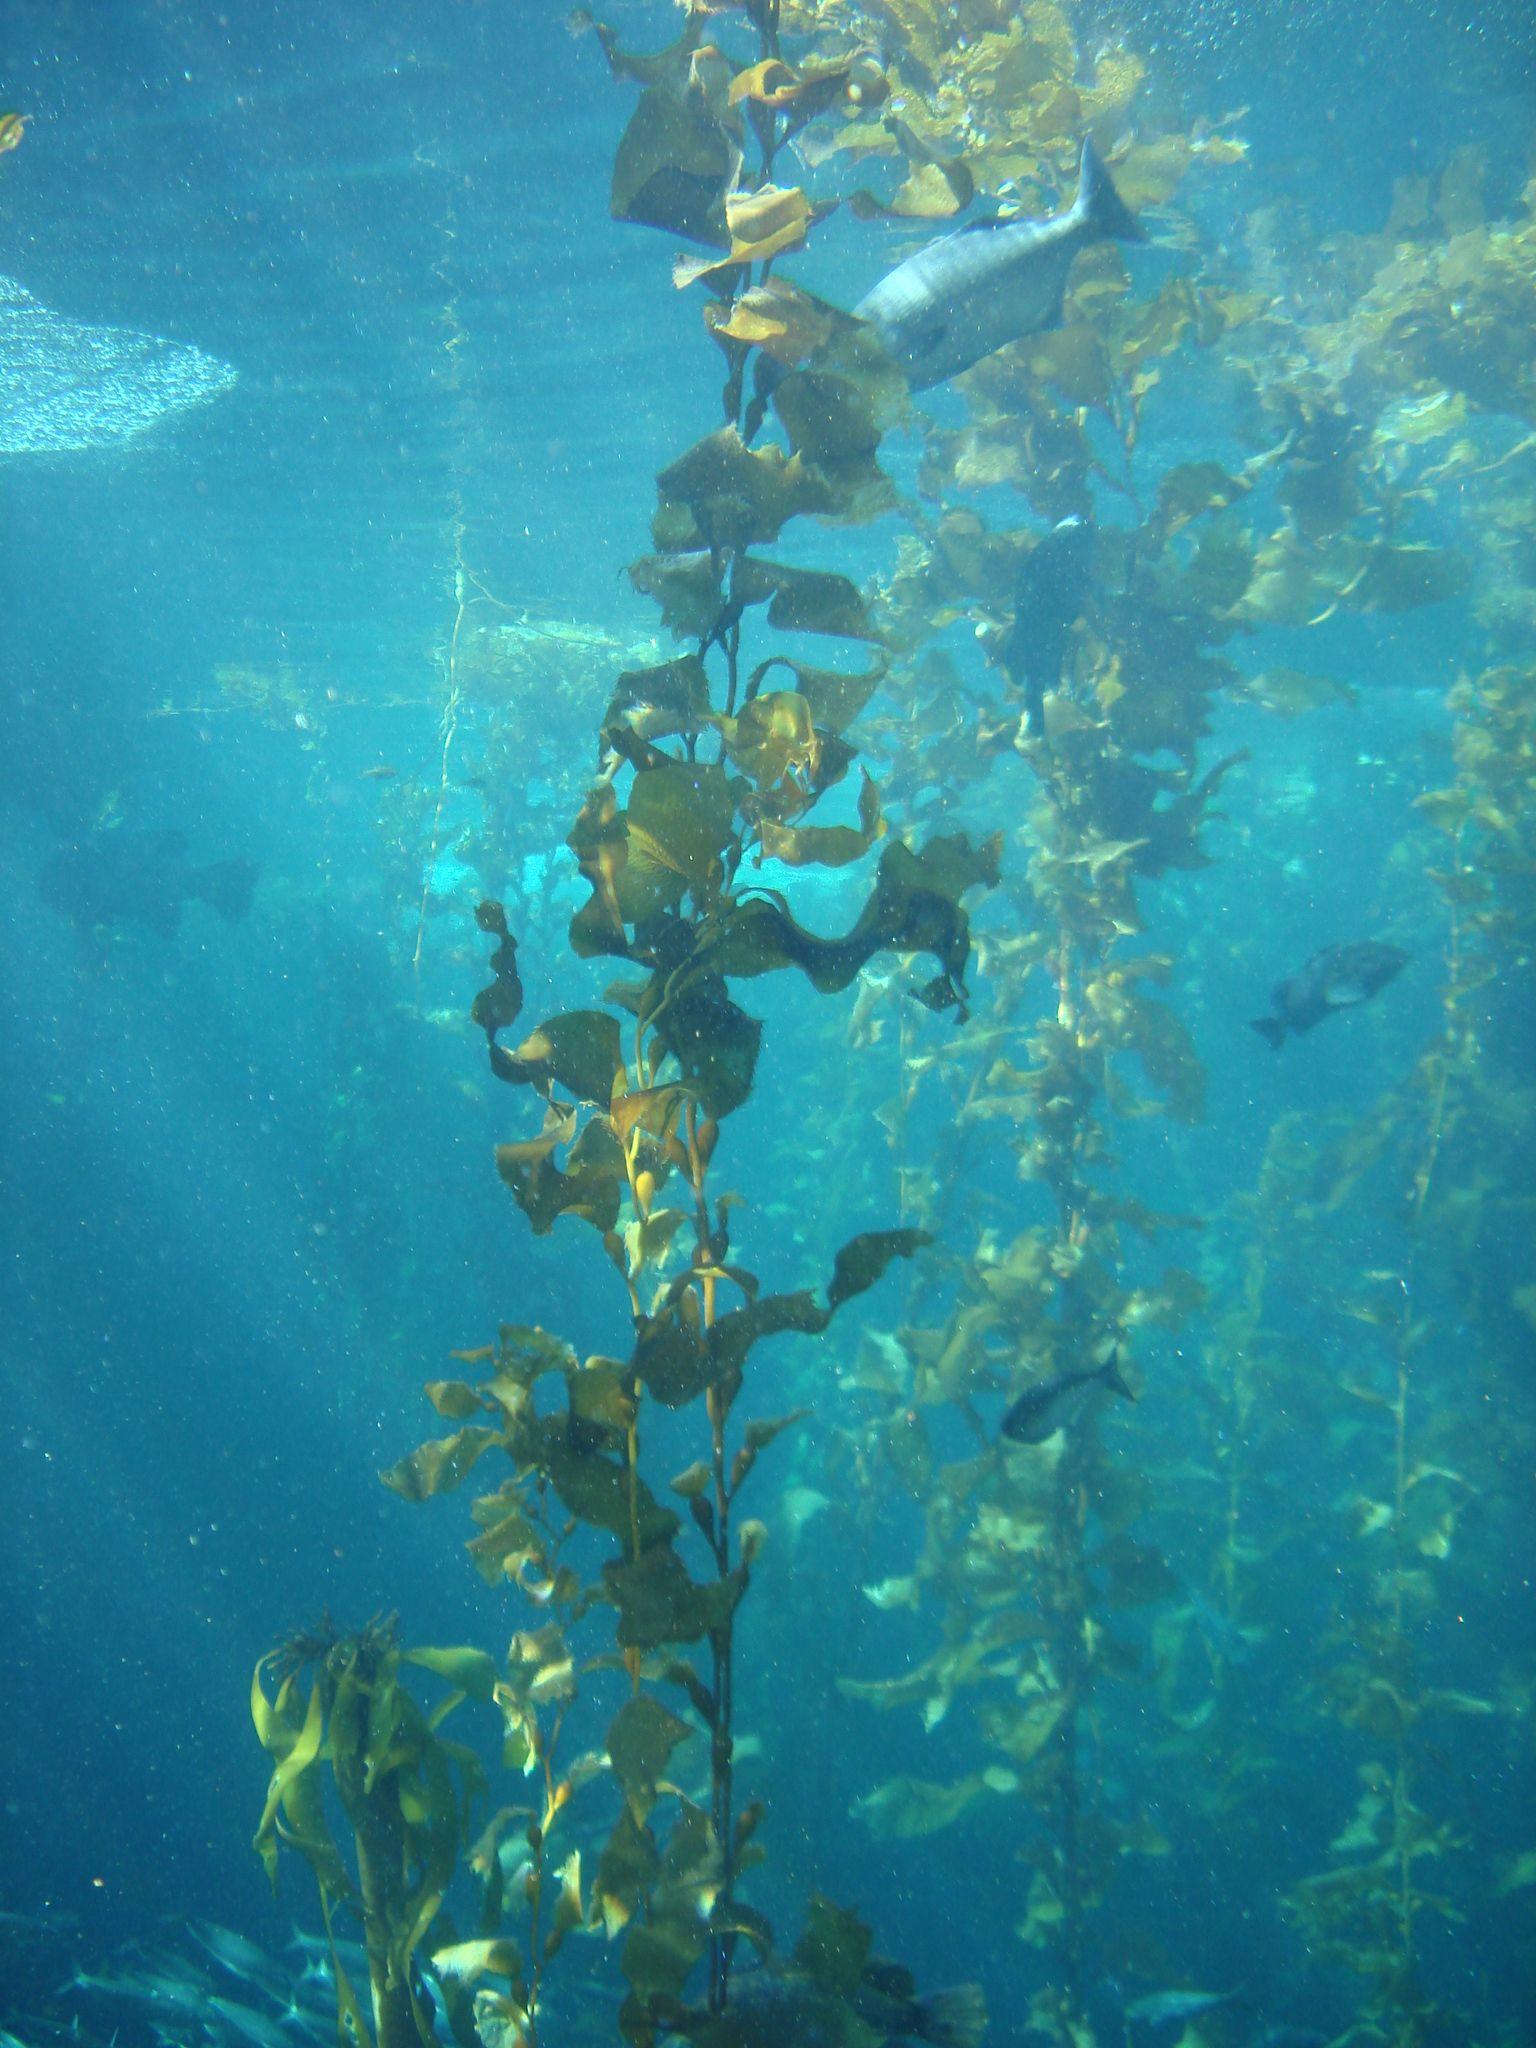 Kelp forest, Monterey Bay Aquarium, CA